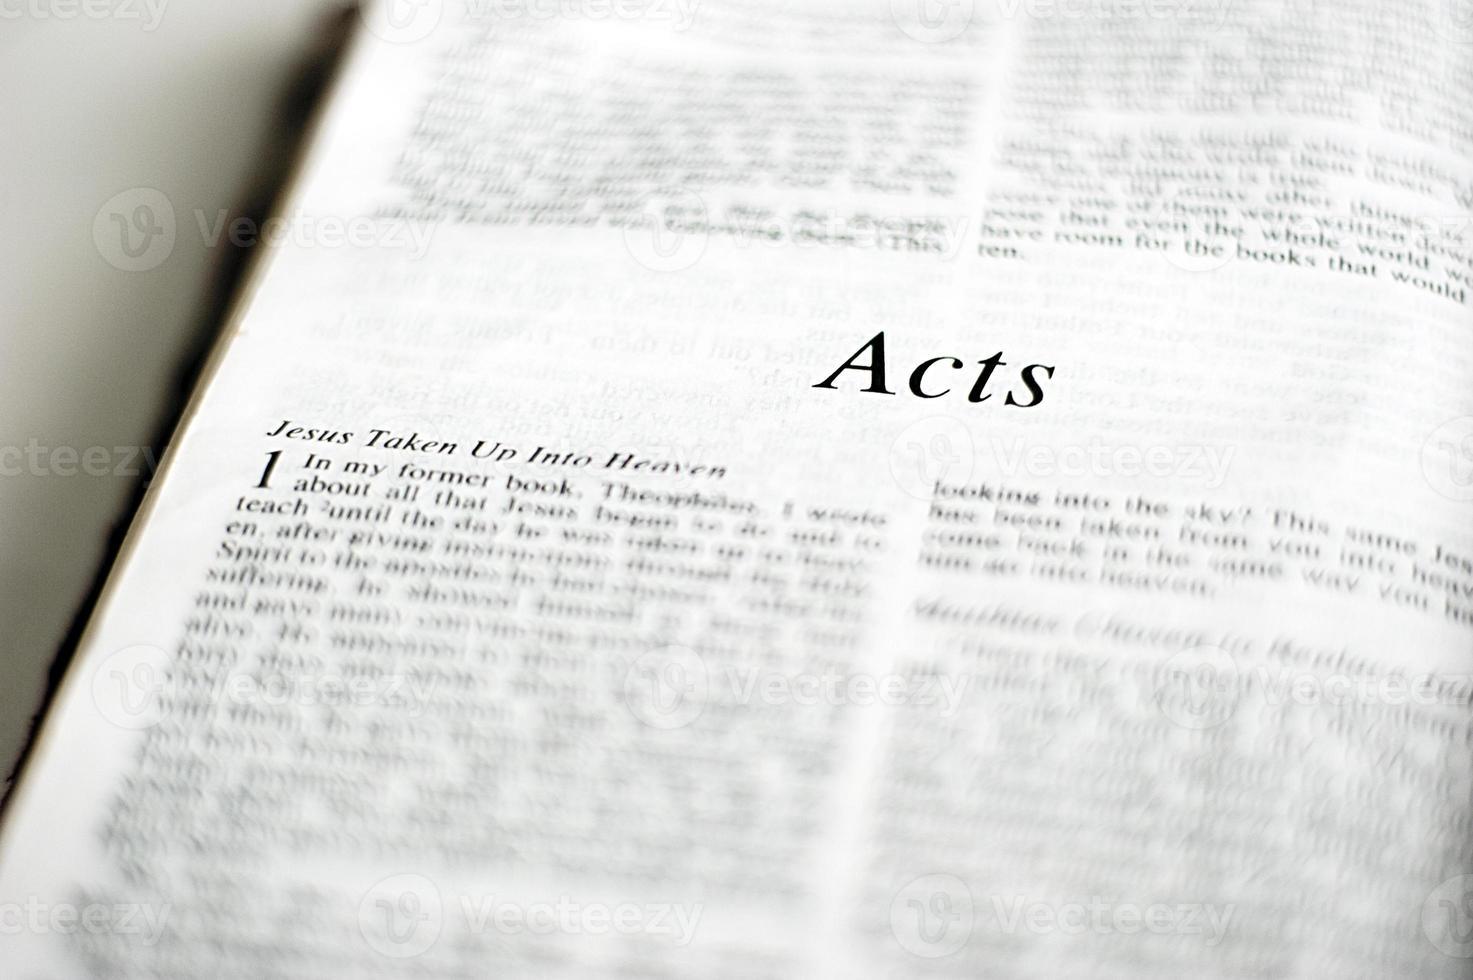 libro de actos en la biblia foto